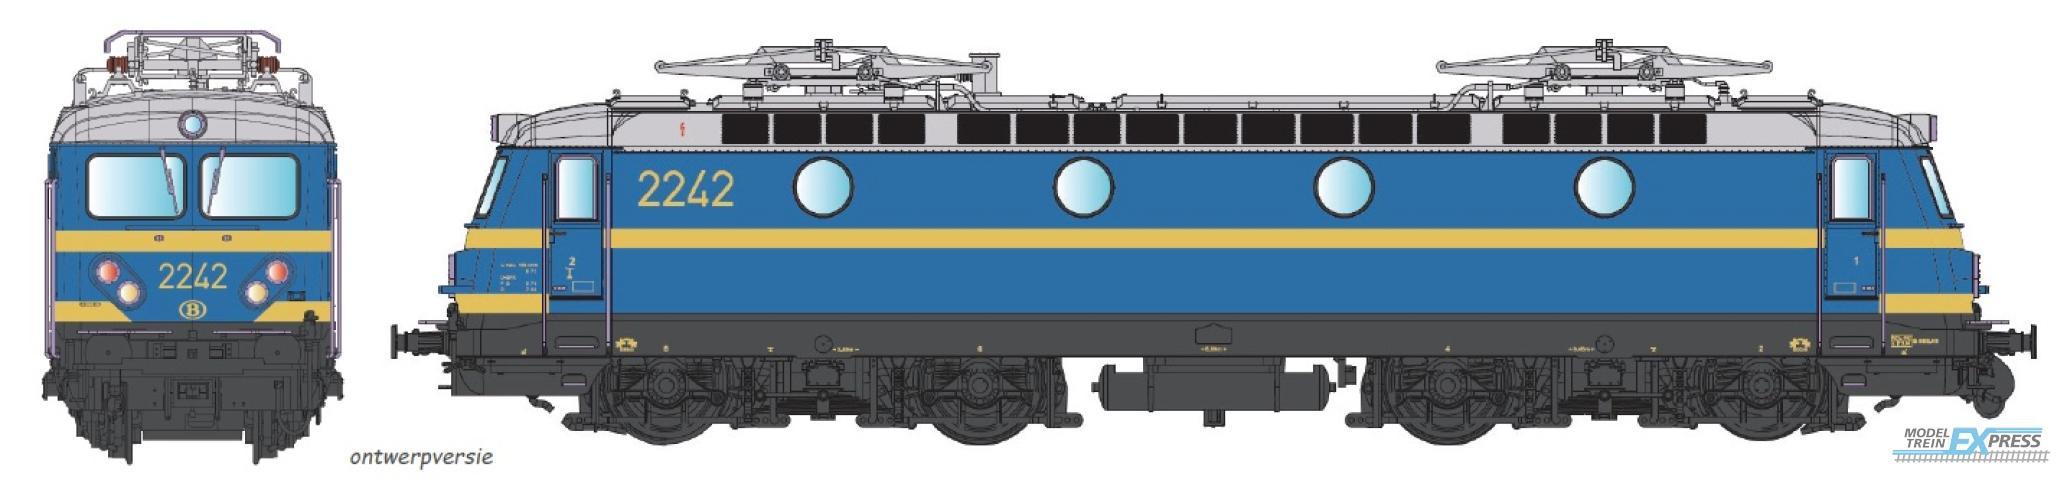 B-Models 3305.02